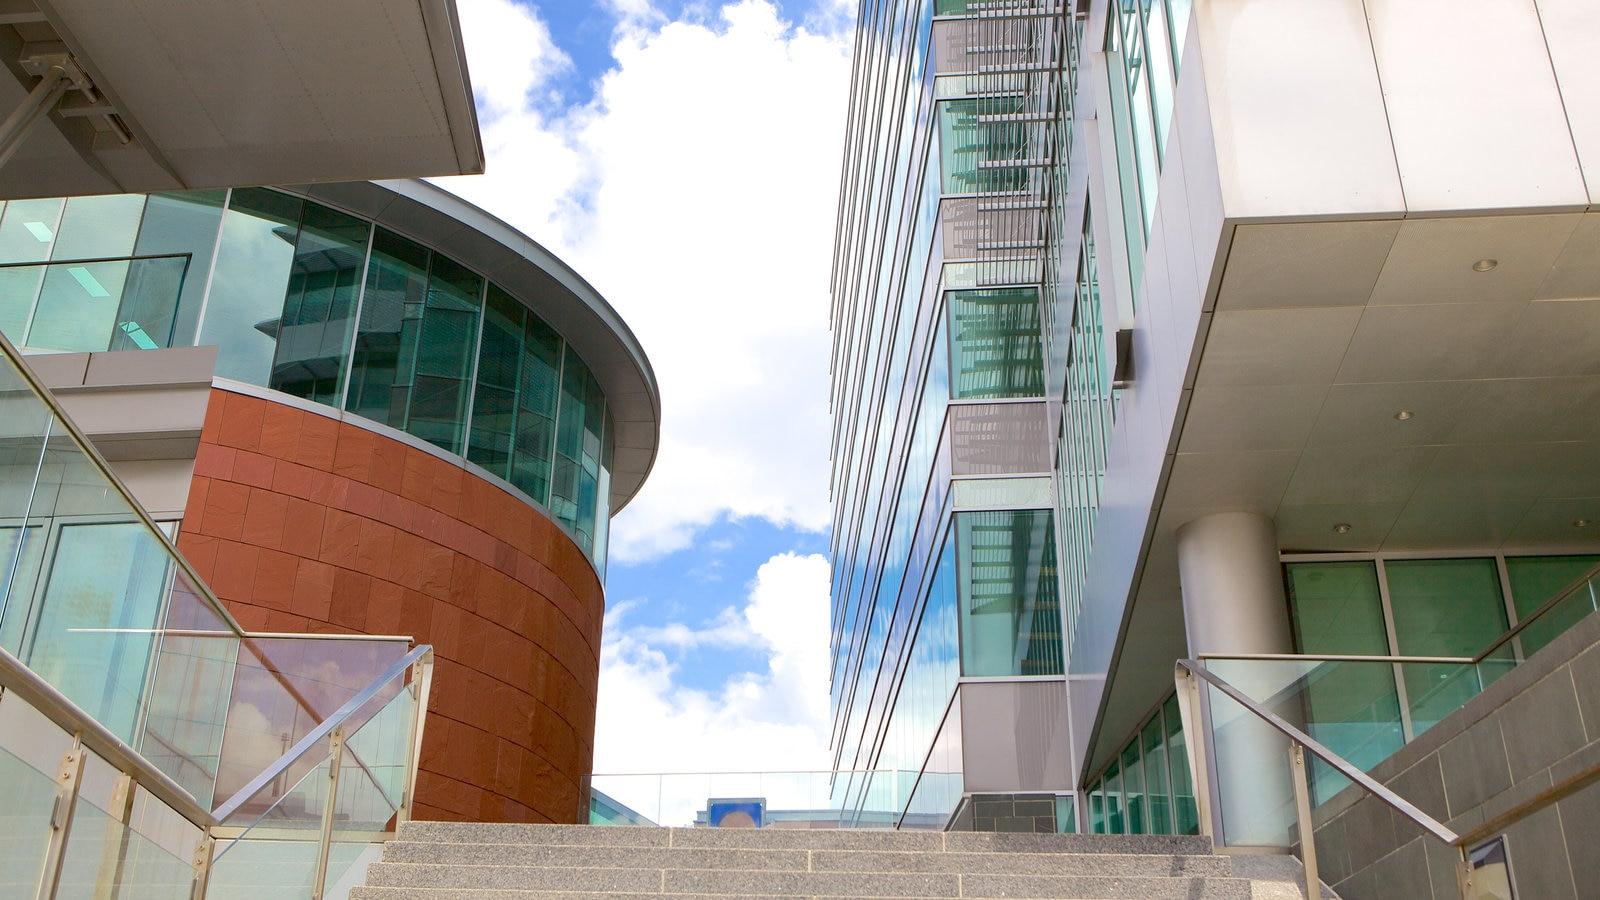 Kitchener mostrando uma cidade e arquitetura moderna